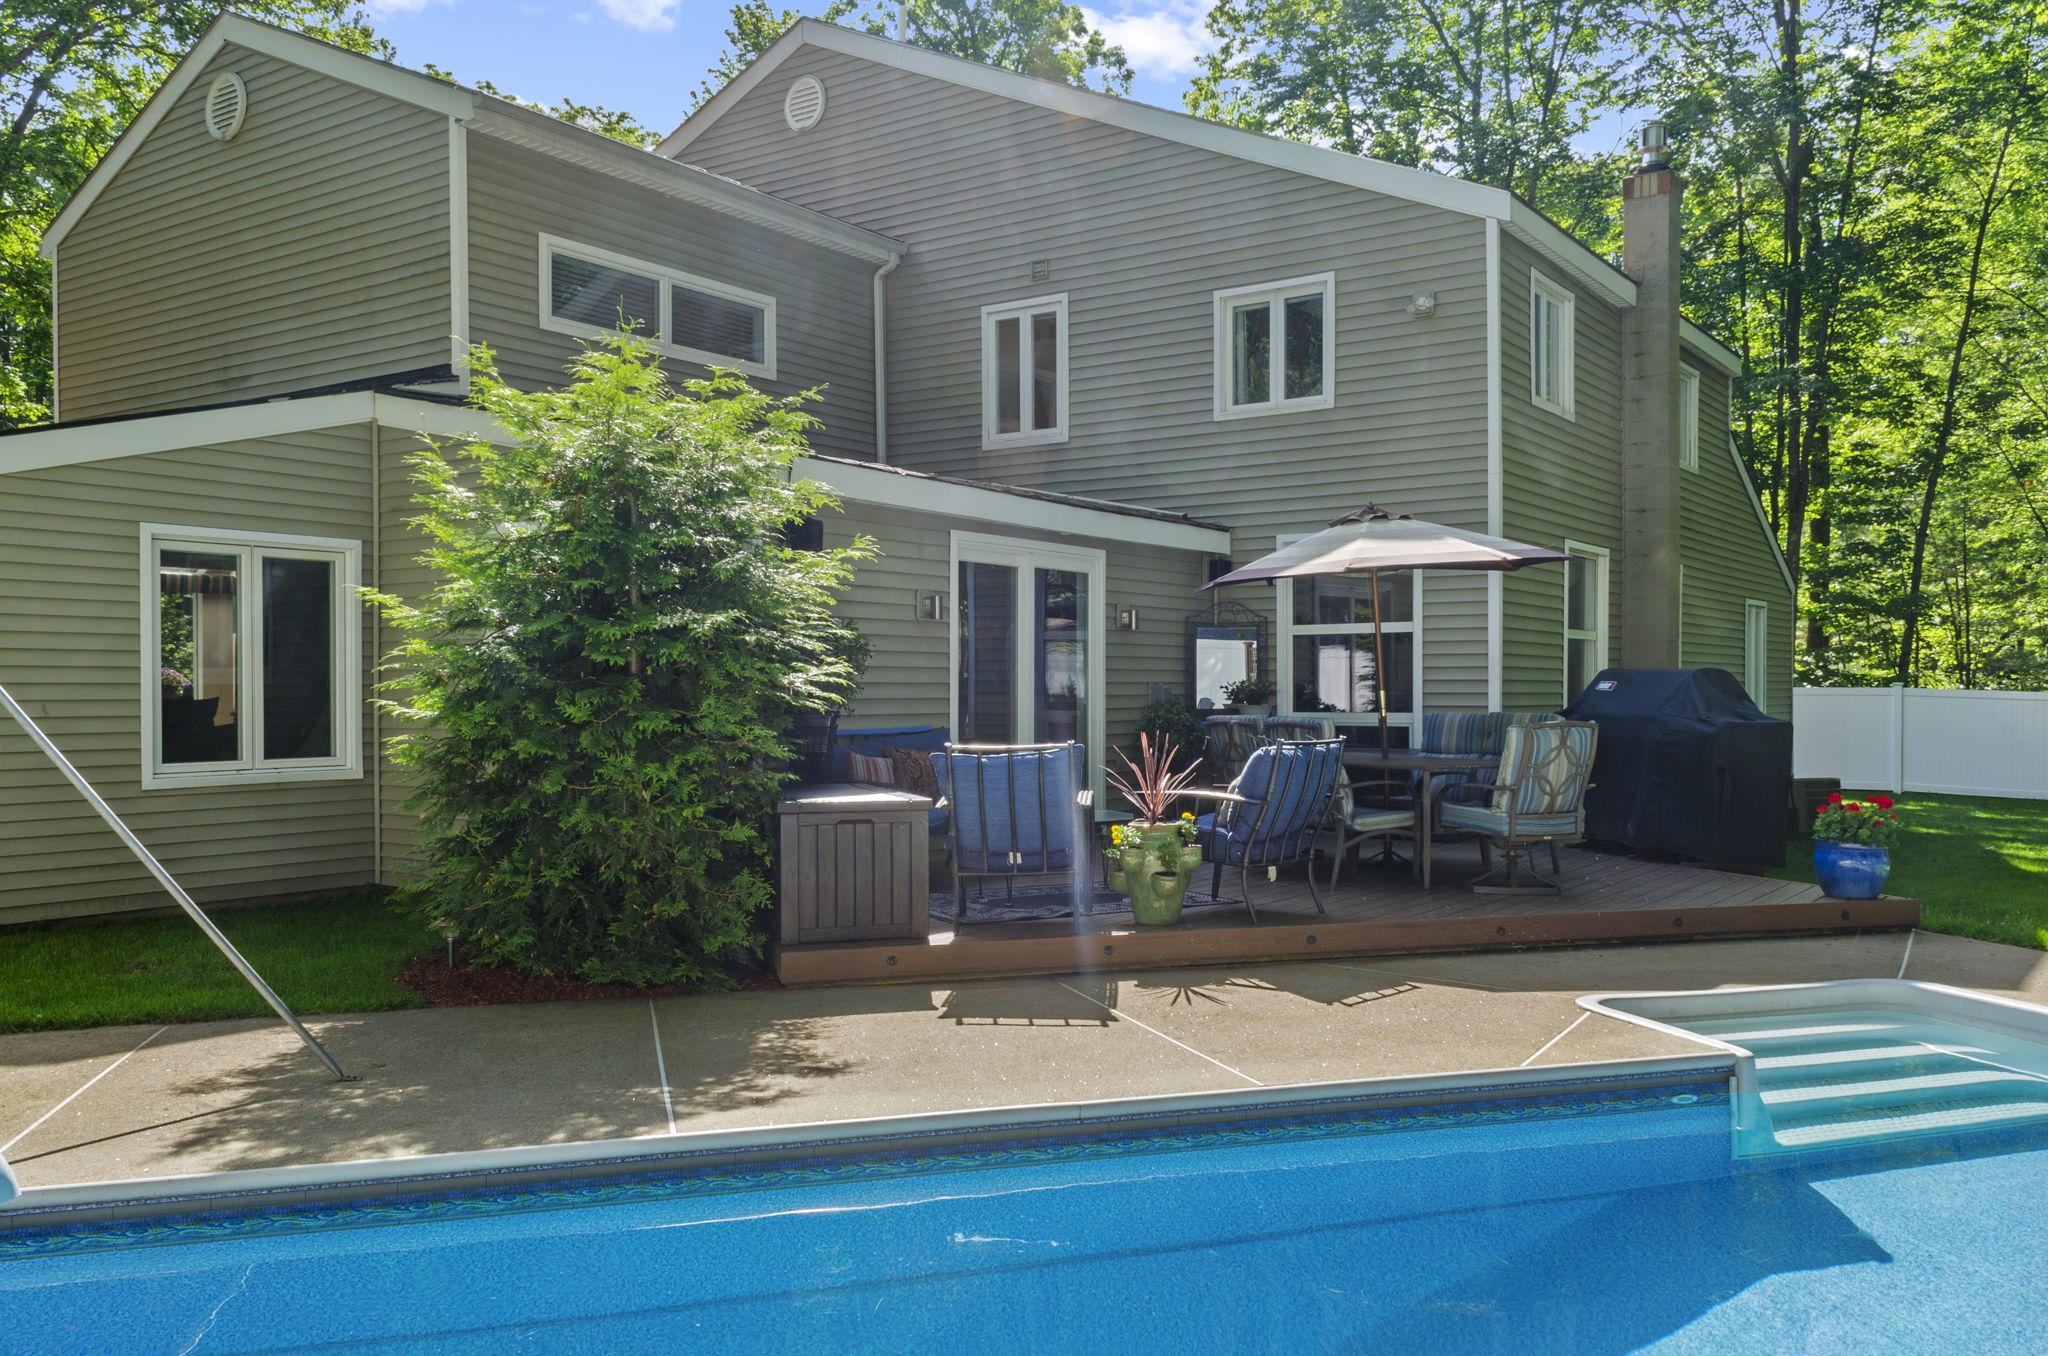 Exterior - Pool & Backyard (5)